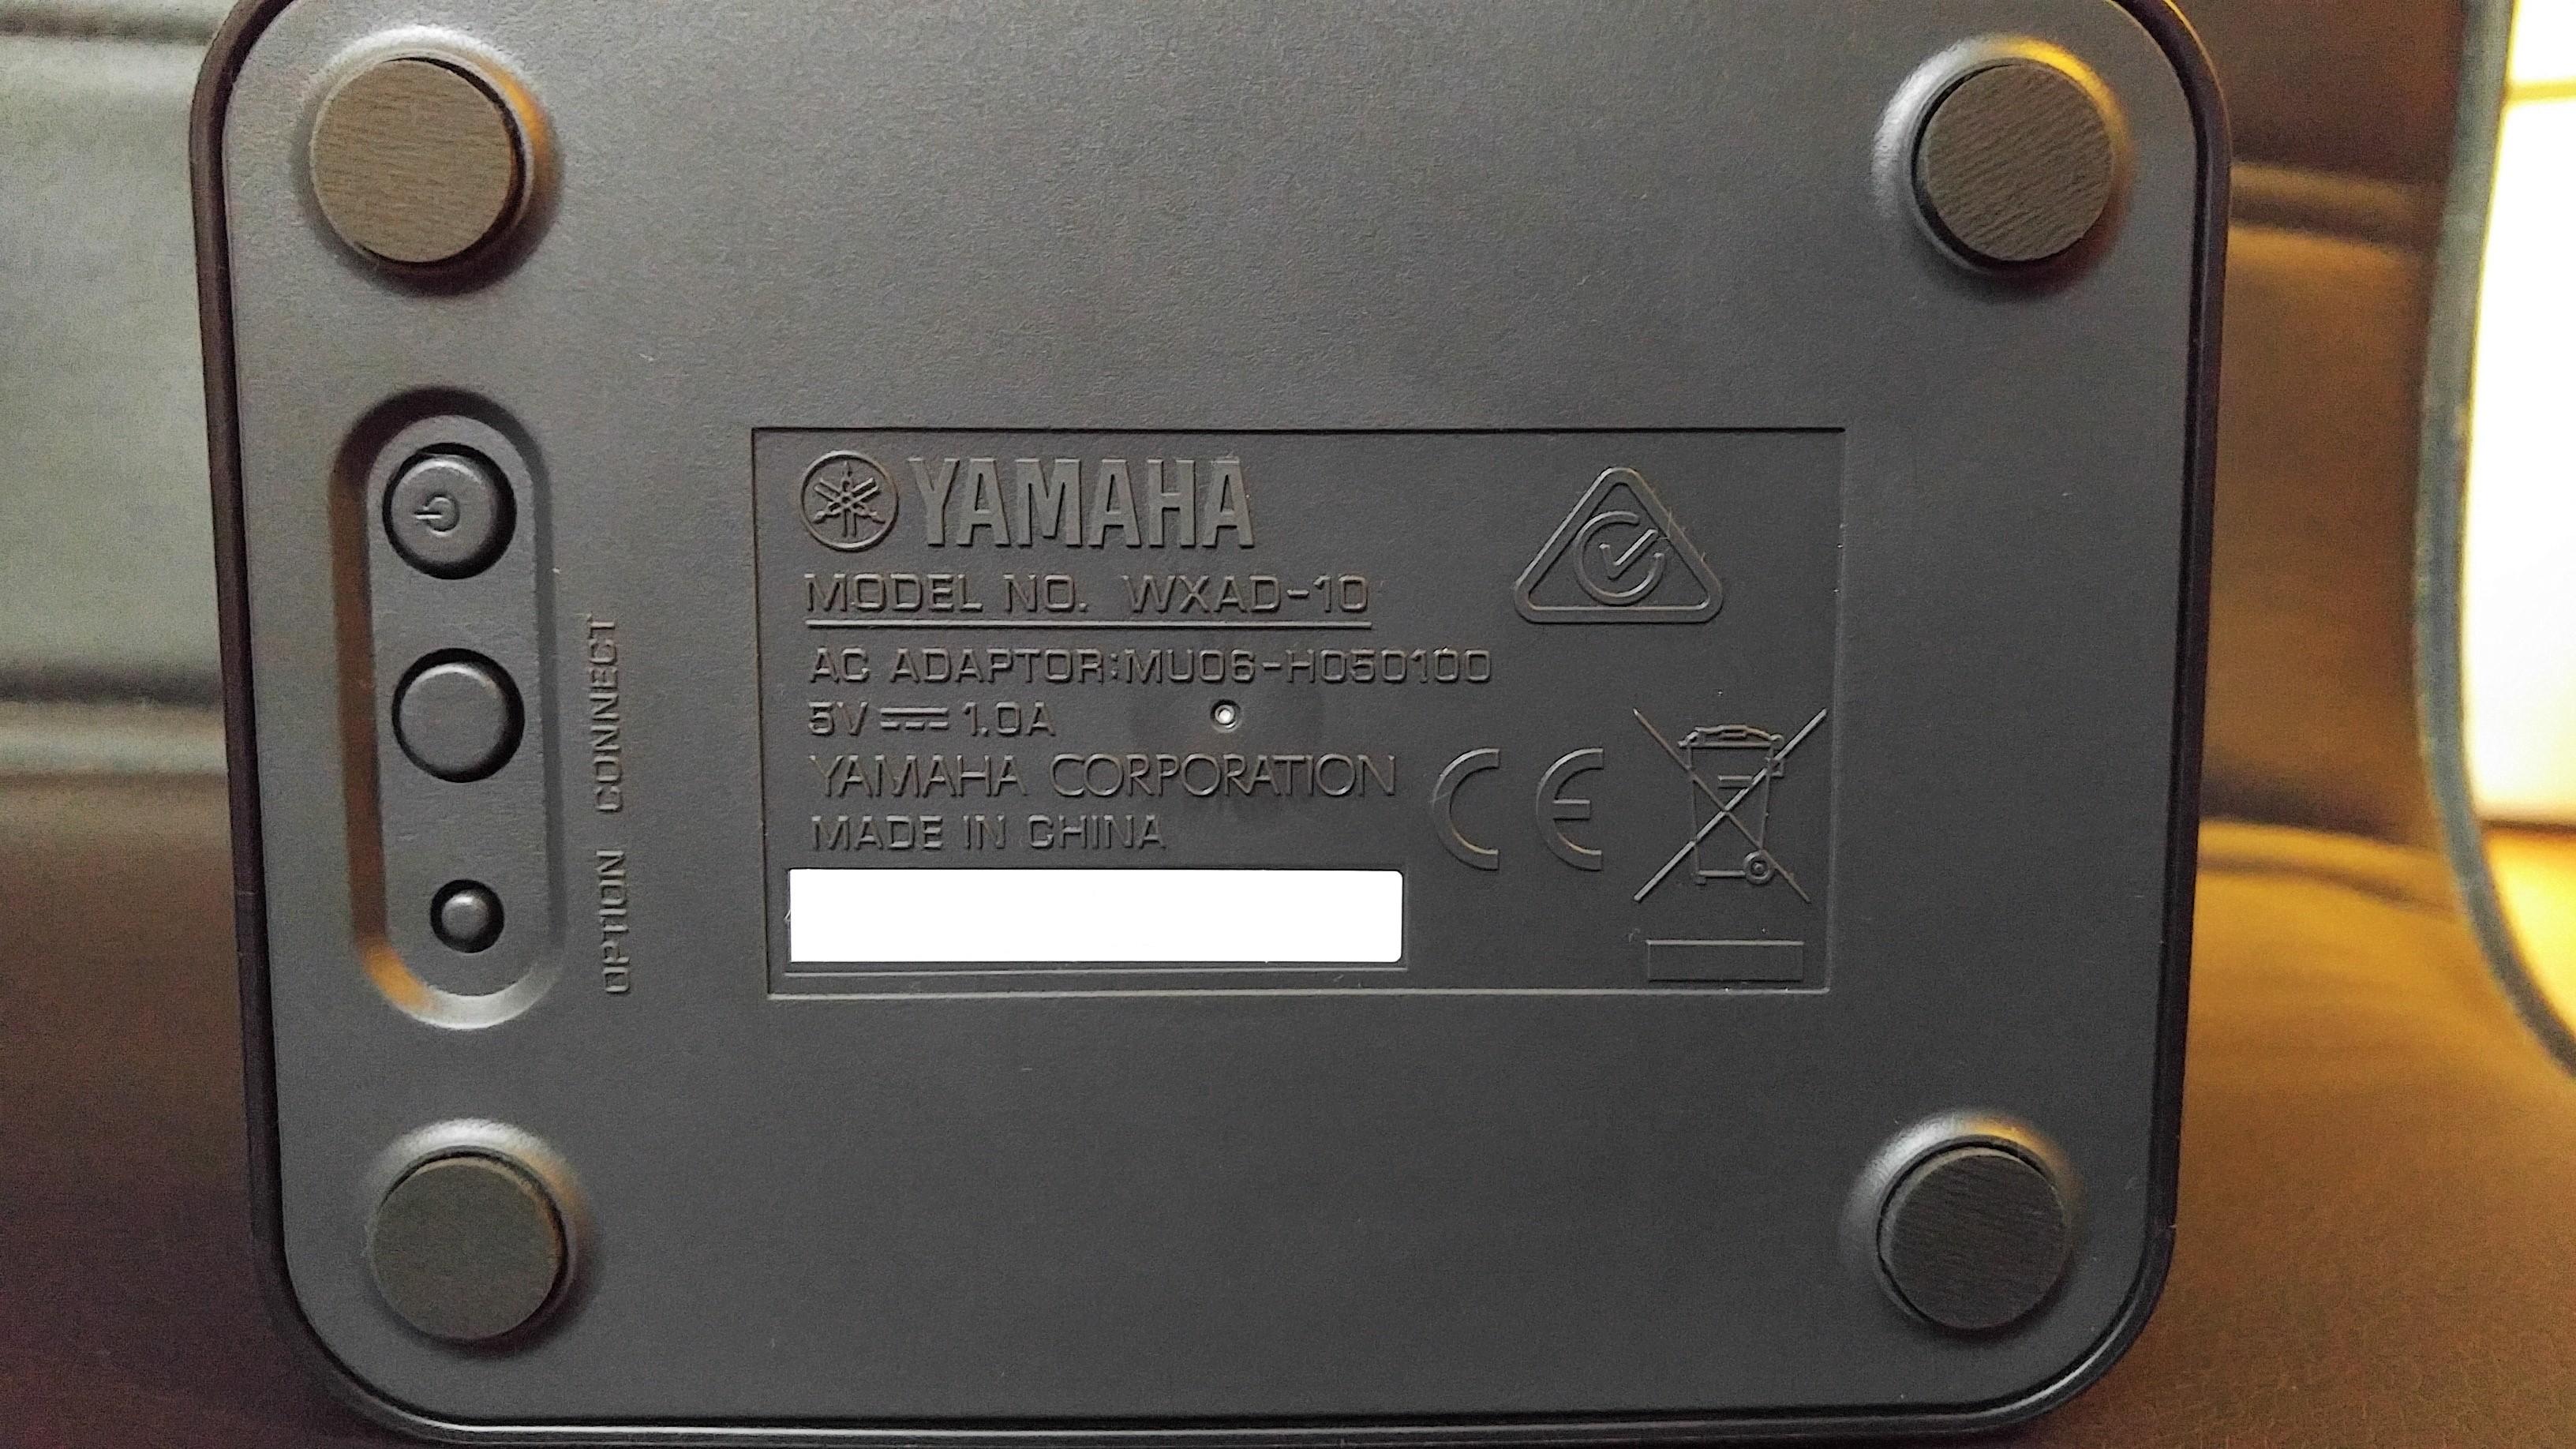 Yamaha WXAD-10 - spód urządzenia